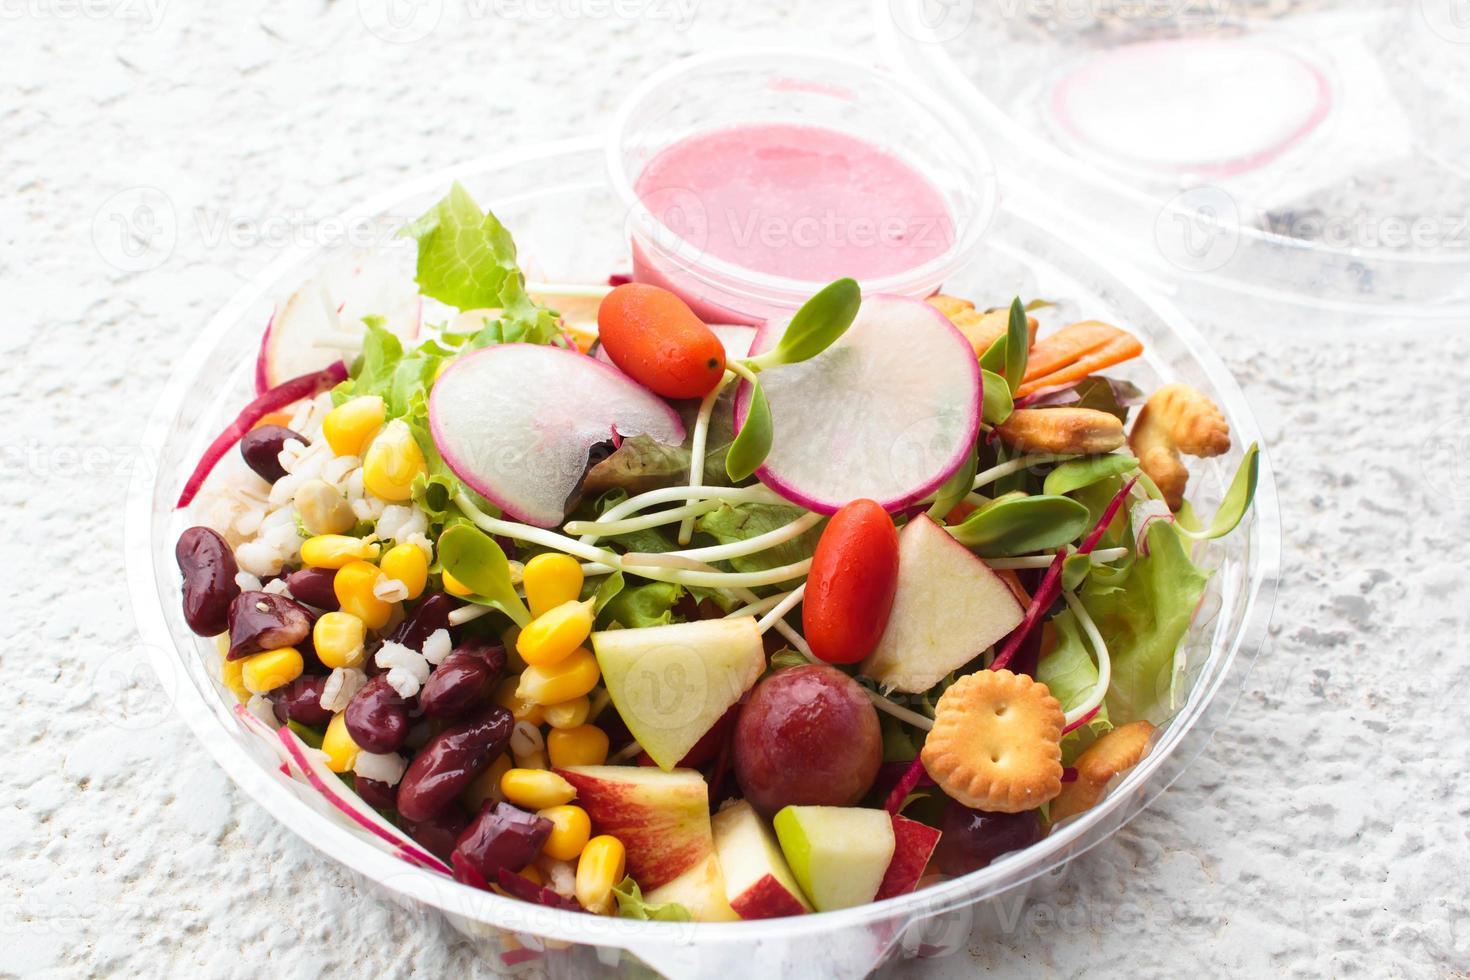 salada de legumes e frutas frescas. foto